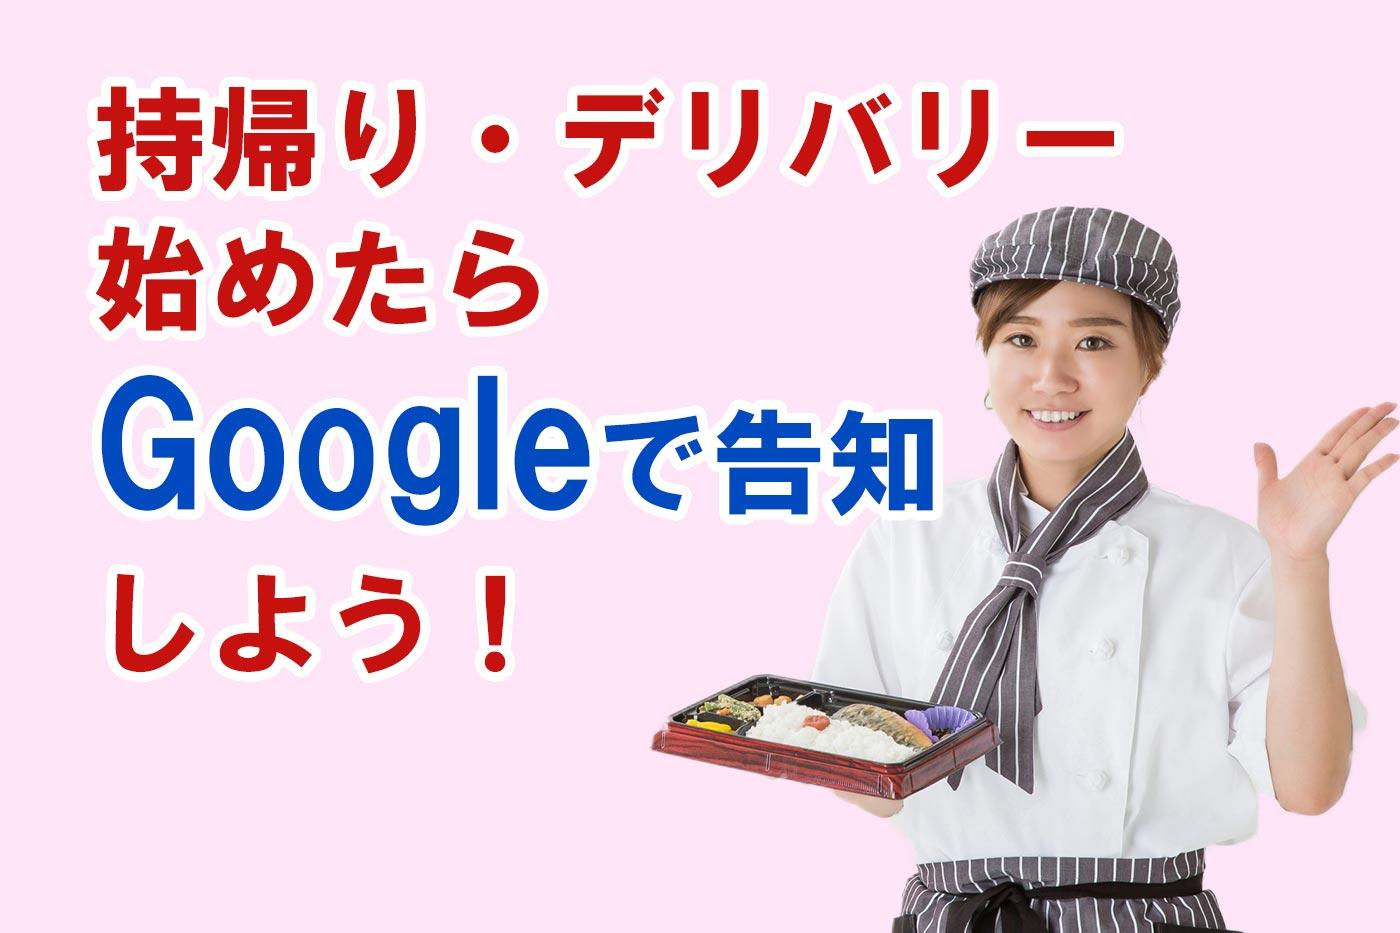 飲食店の方向け、Googleで持ち帰り・デリバリーを伝える方法